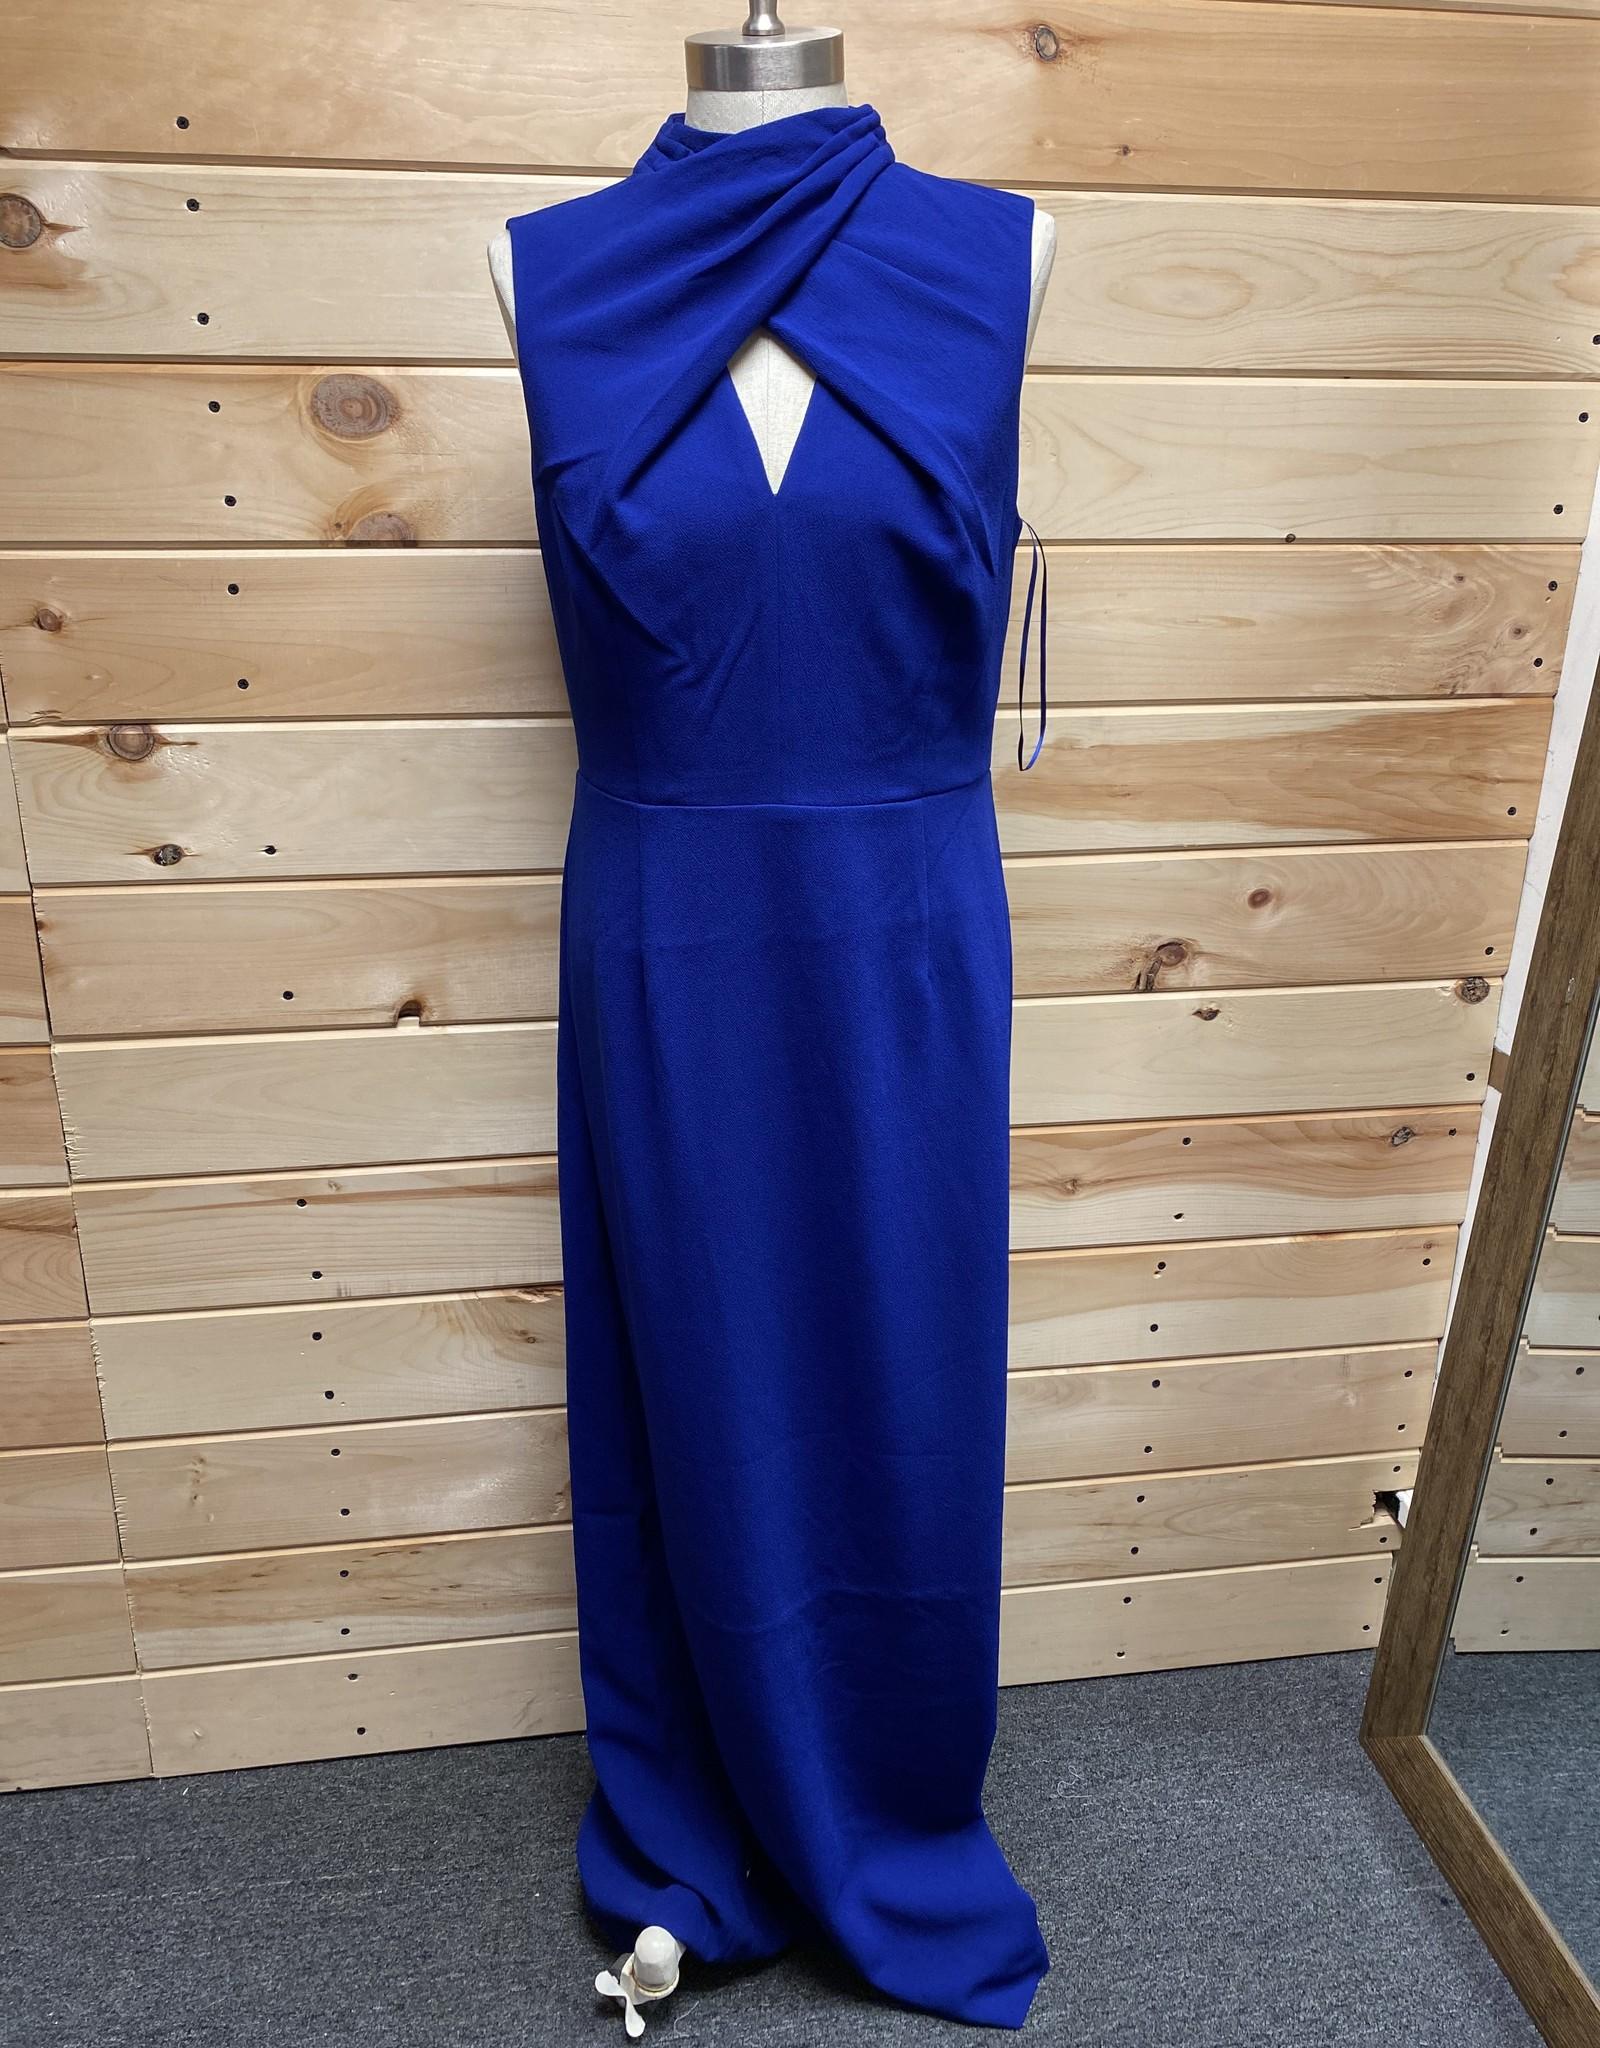 TRINA TURK Trina Turk Contessa Mock Neck Dress Sz 10